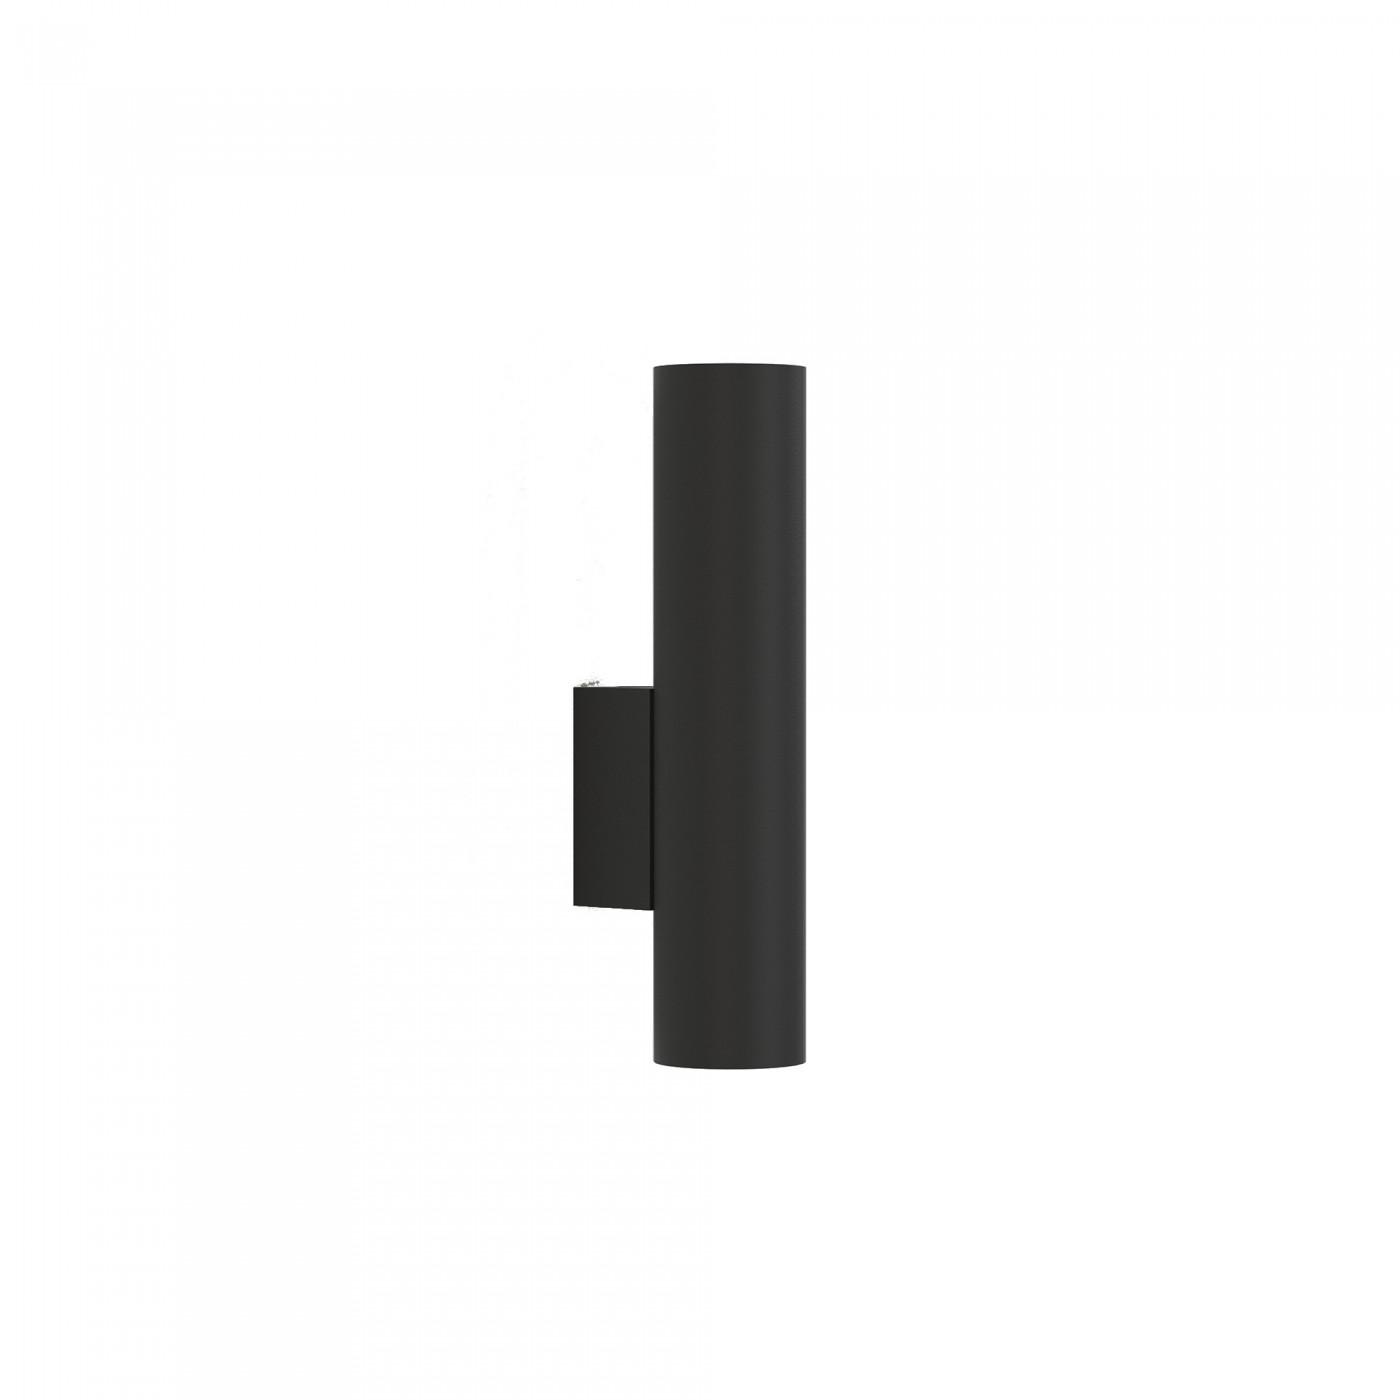 EYE WALL black 8072 Nowodvorski